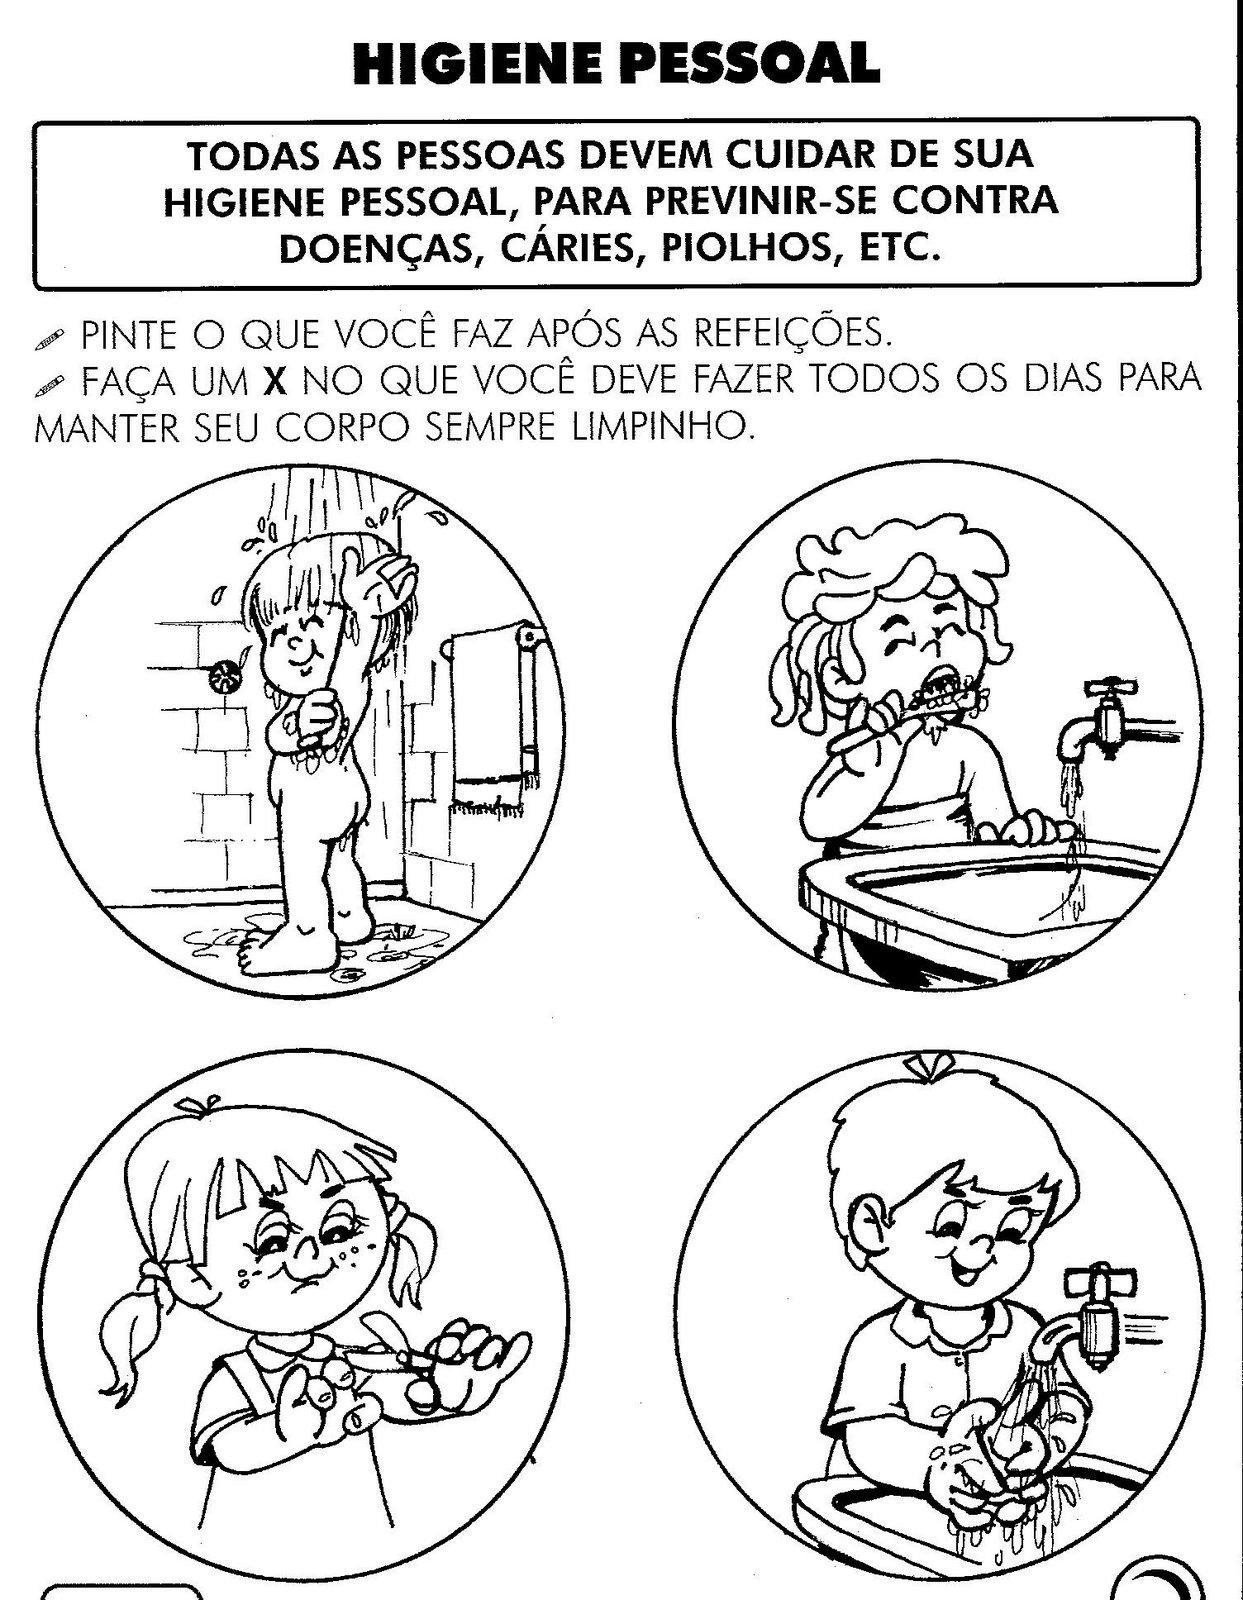 Populares Blog Professor Zezinho : Provas - Ciências 2° e 3° anos - Higiene JK32